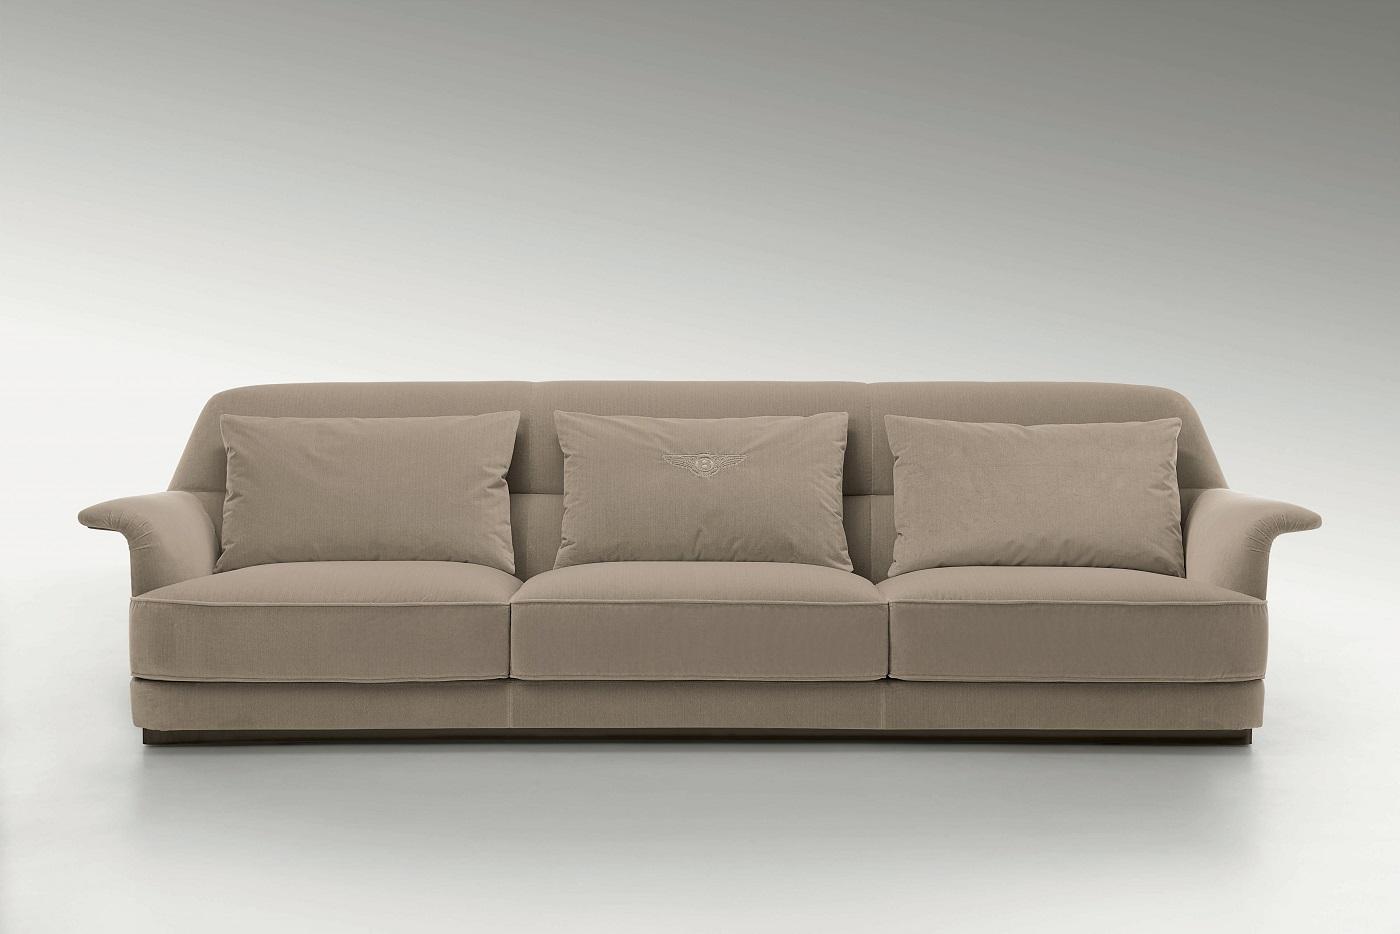 No querrás saber el precio de los muebles Bentley